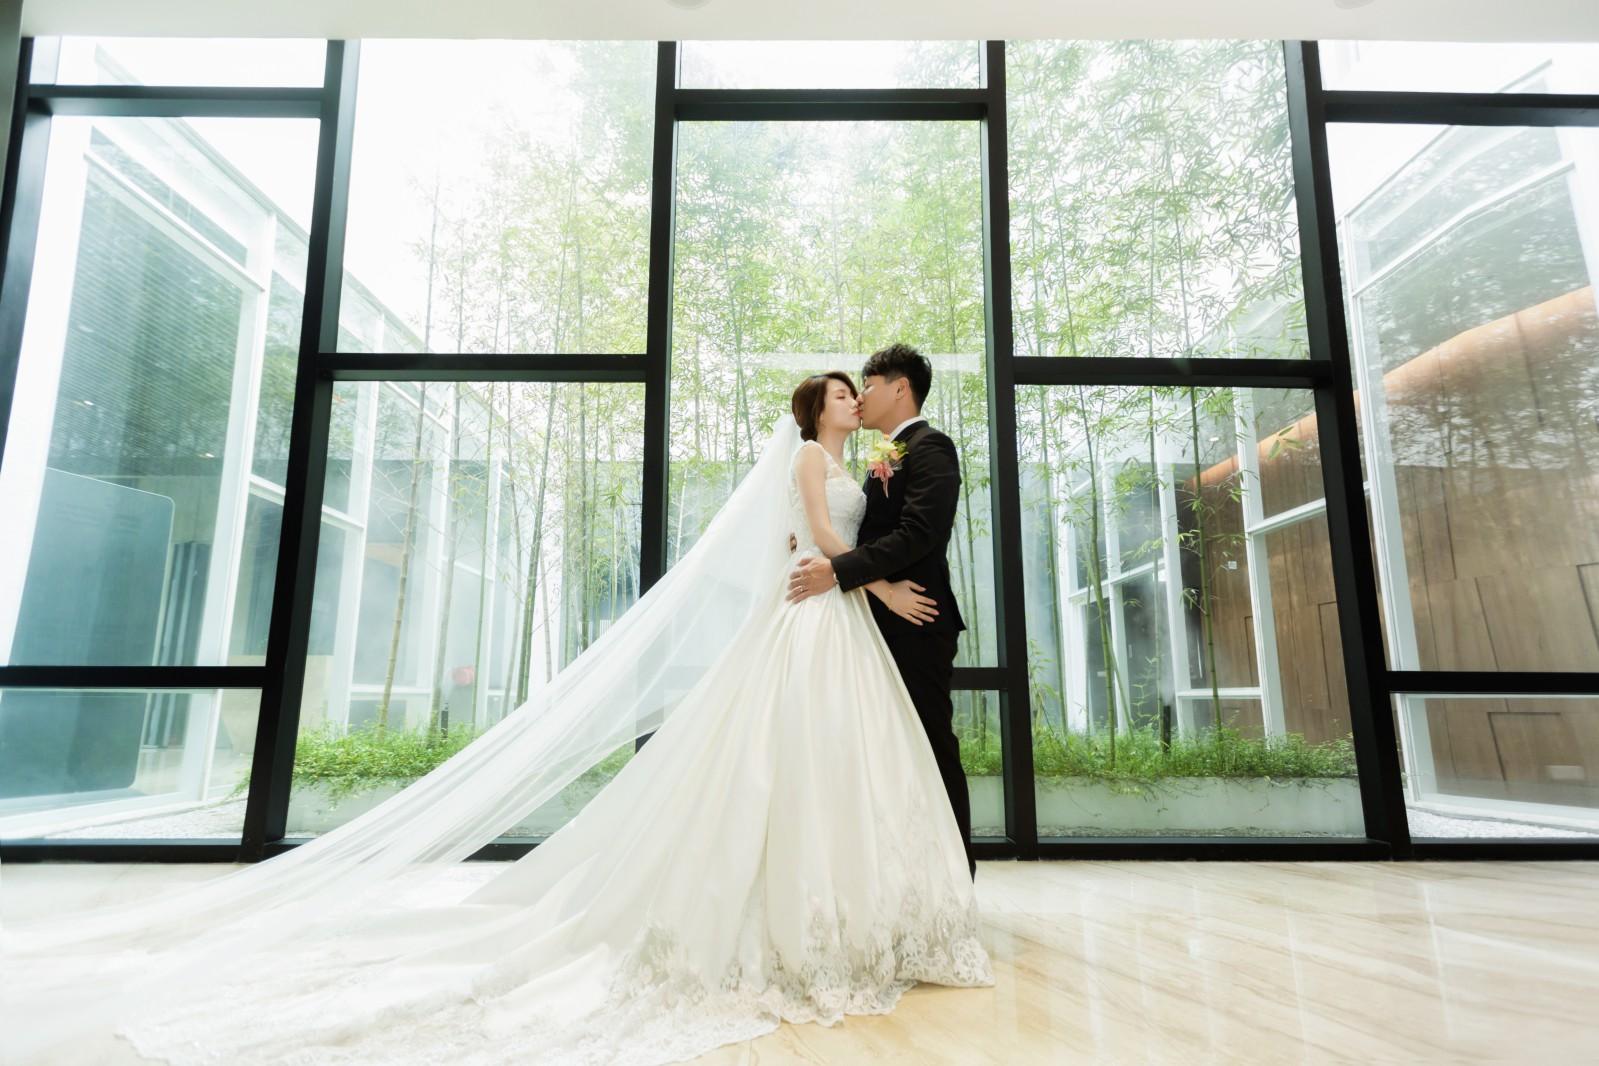 婚攝森森, 高雄婚攝, 婚攝推薦, 東風新意婚禮攝影, 東風新意婚攝, 東風新意巨蛋會館